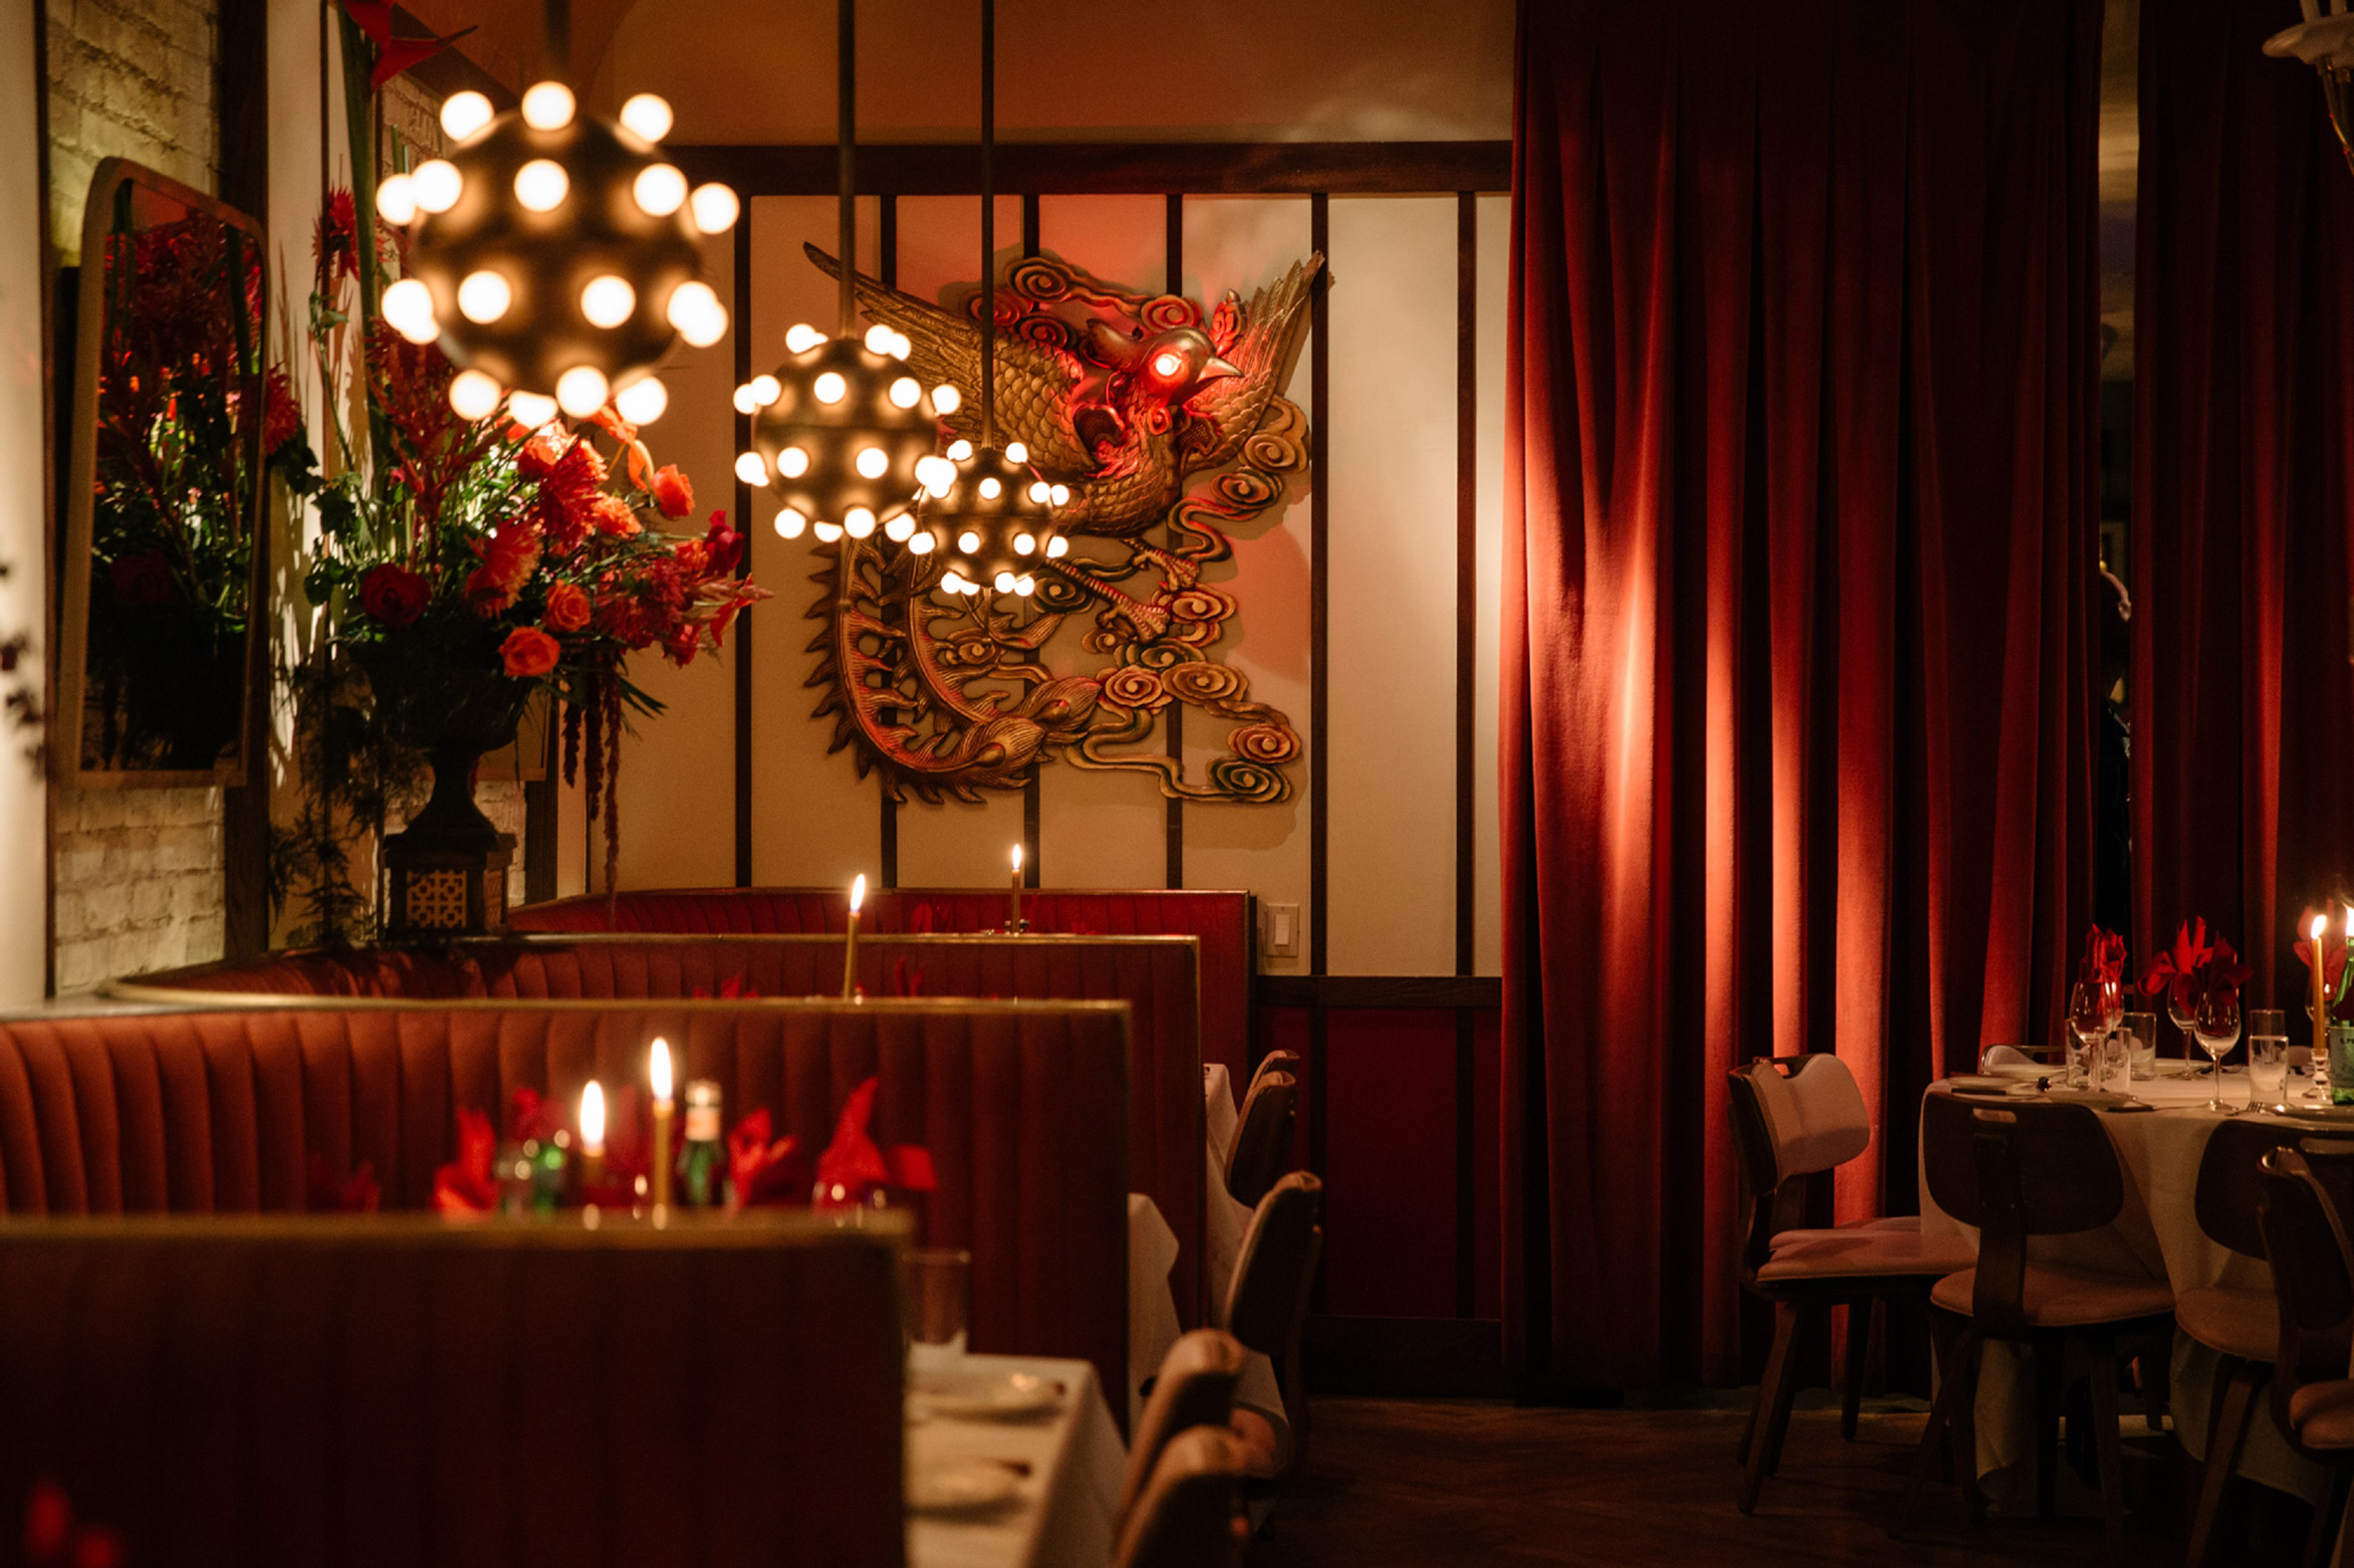 restaurants and bars archivi - negozioeccentrico